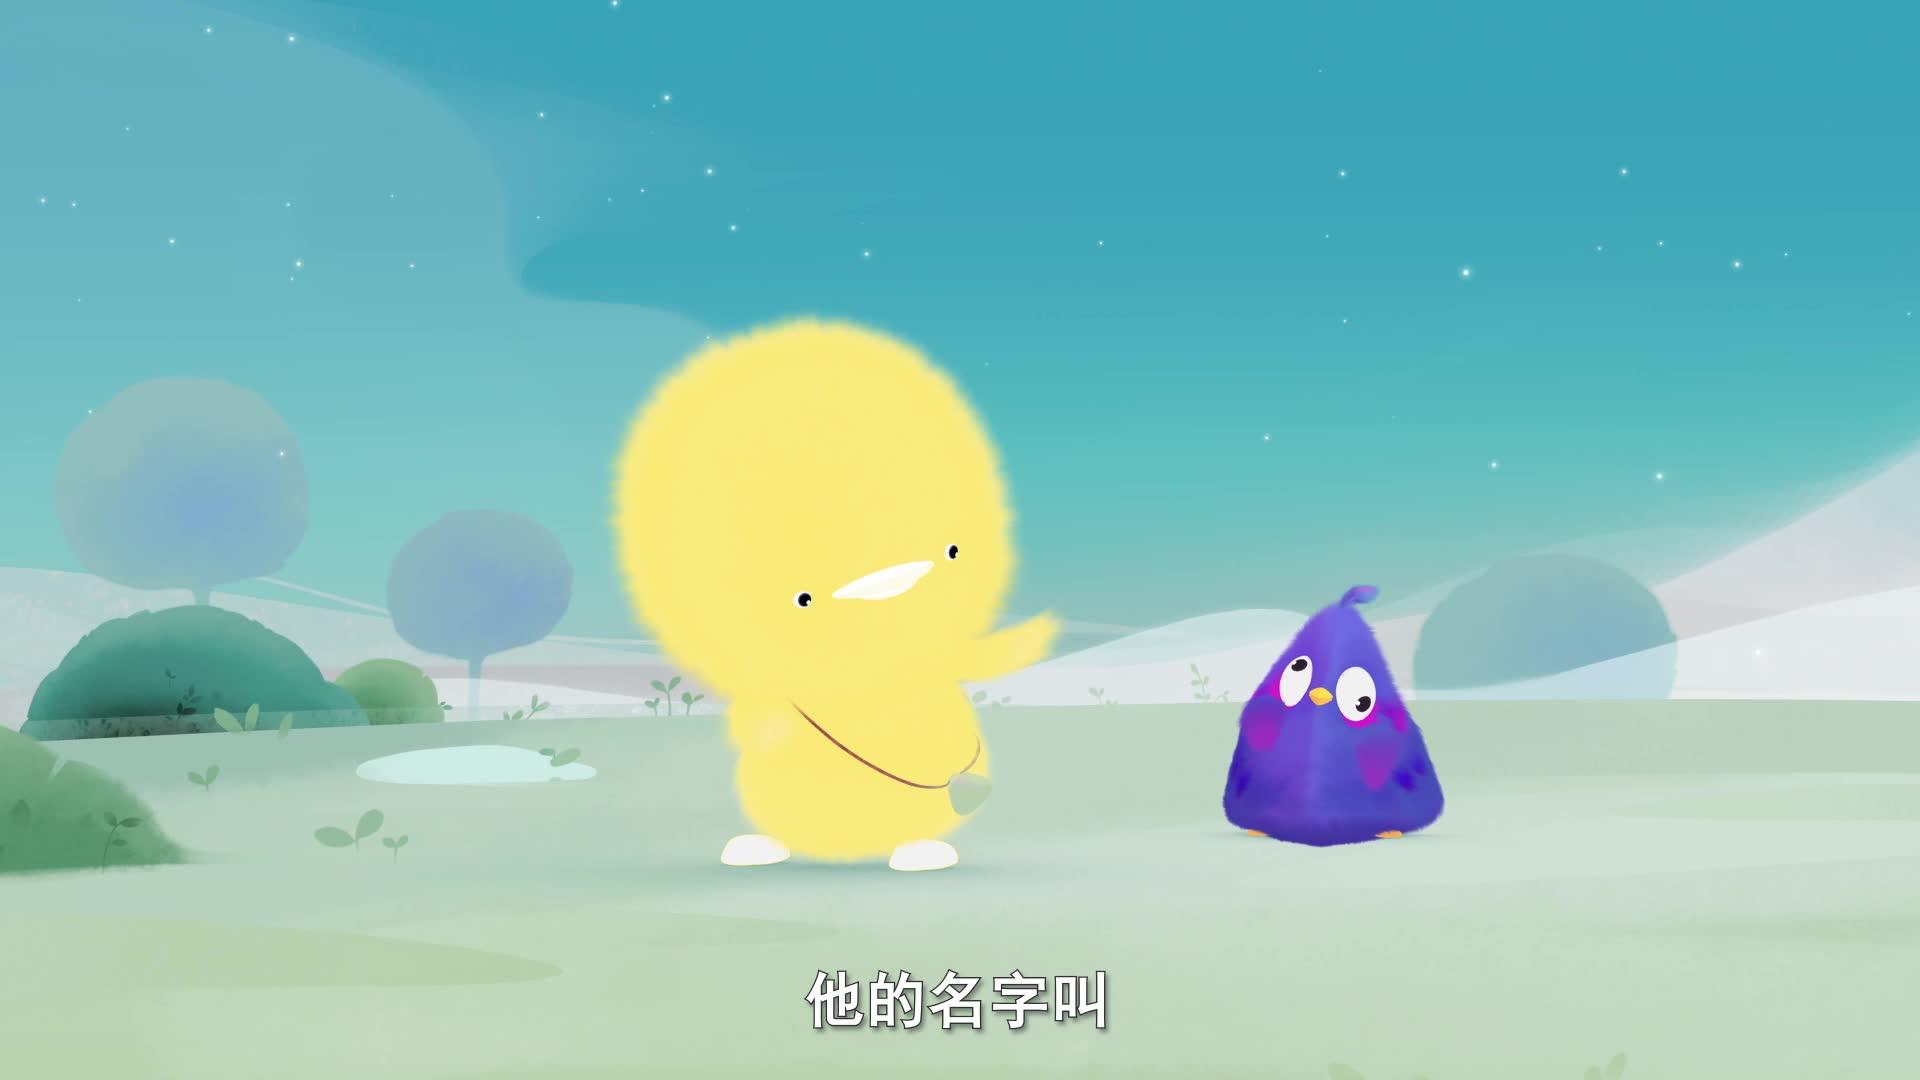 《小鸡彩虹》 第六季 17新朋友